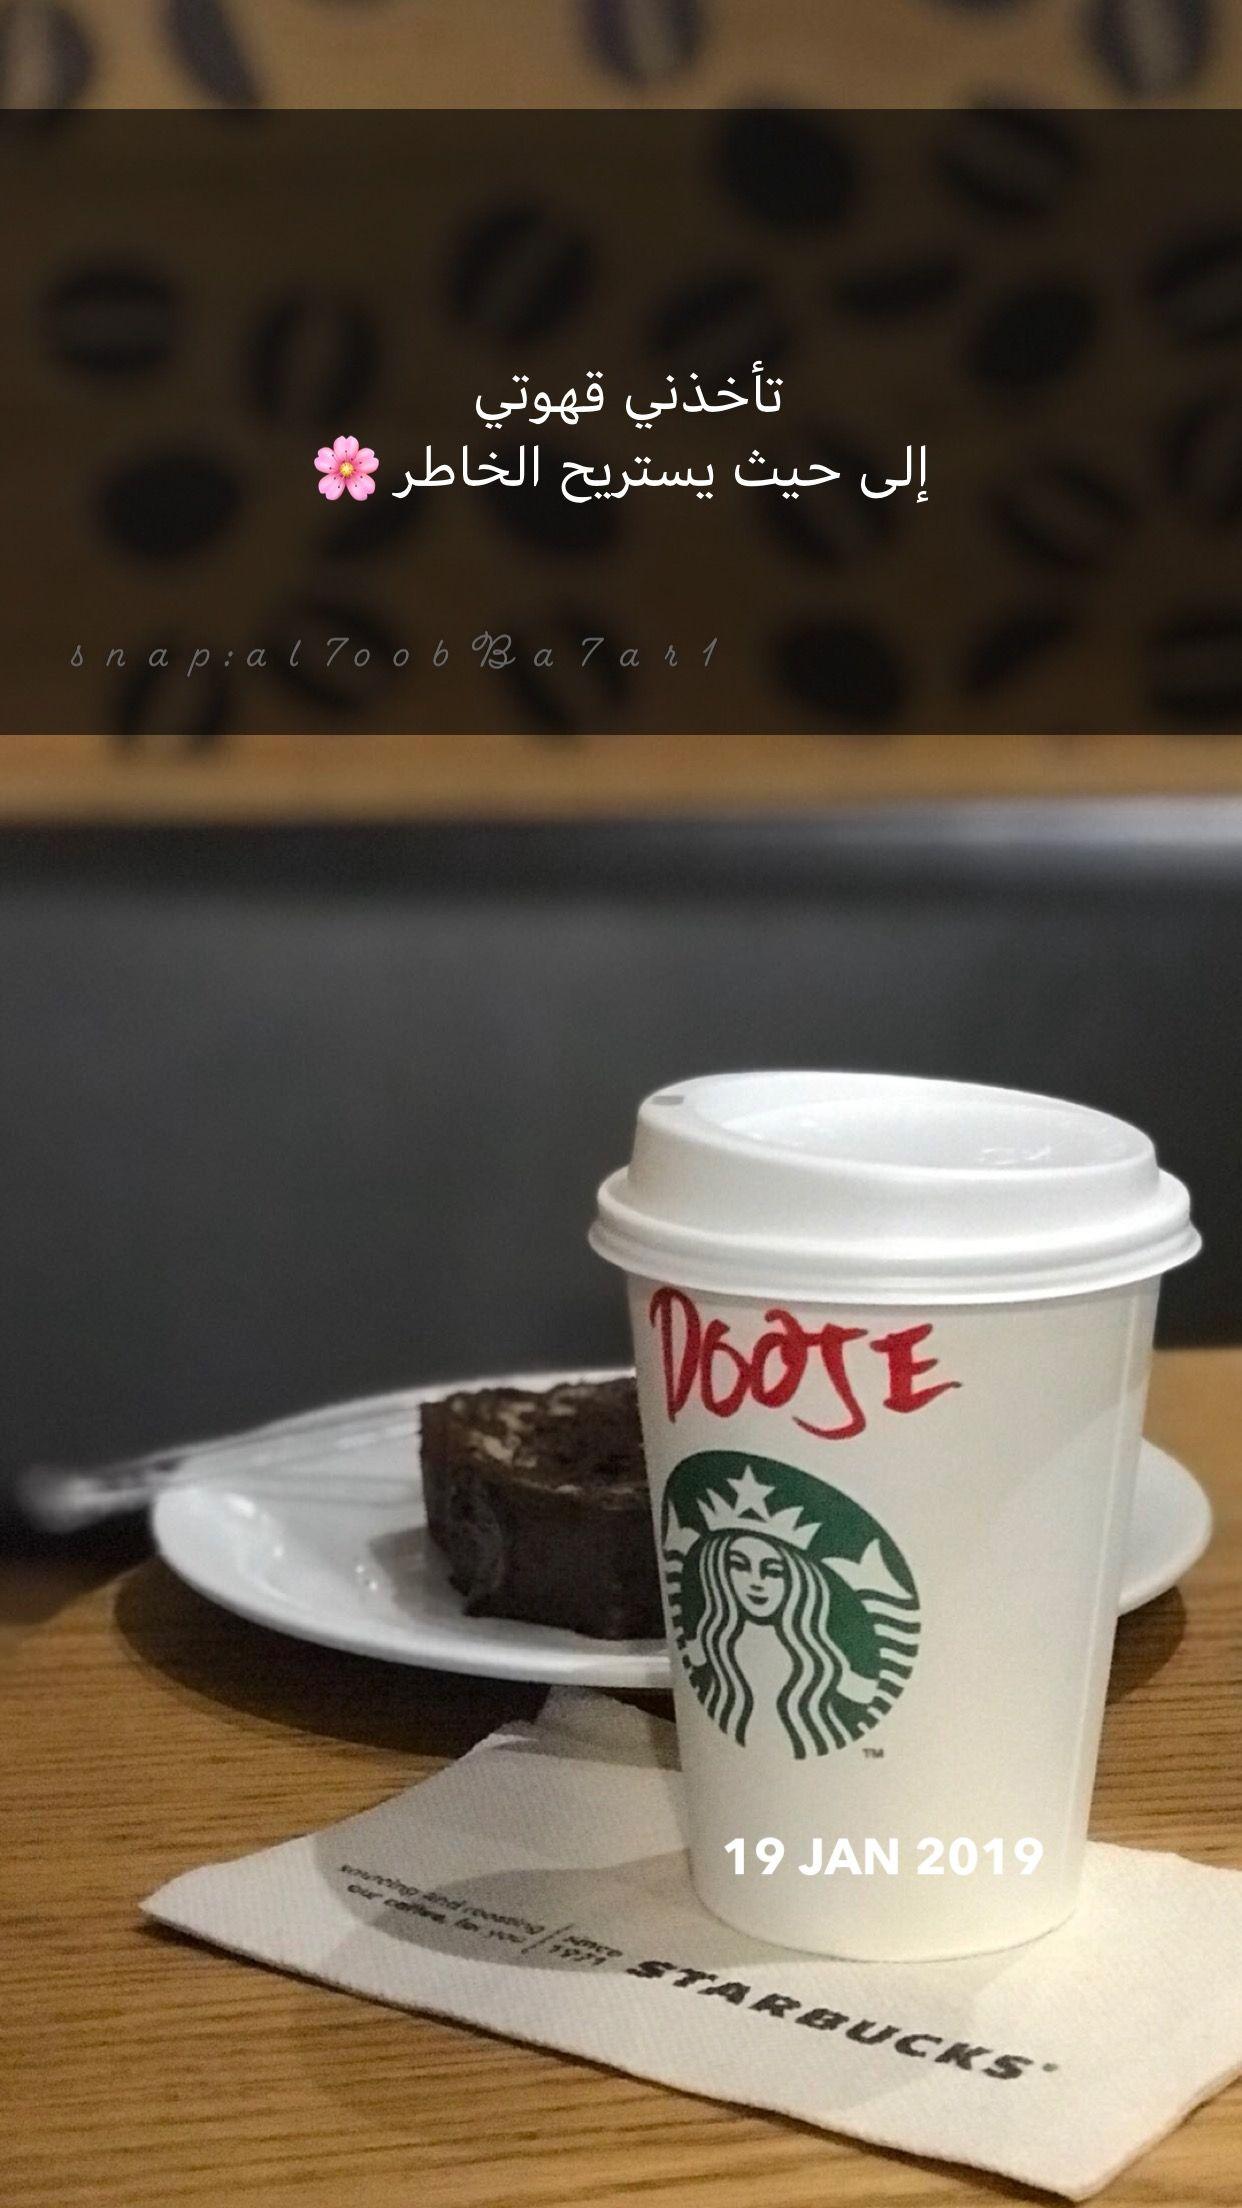 همسة تأخذني قهوتي إلى حيث يستريح الخاطر تصويري تصويري سناب تصميمي تصميم وقت قهوة كوفي ستاربكس Time Coffee Coffee Glassware Tableware